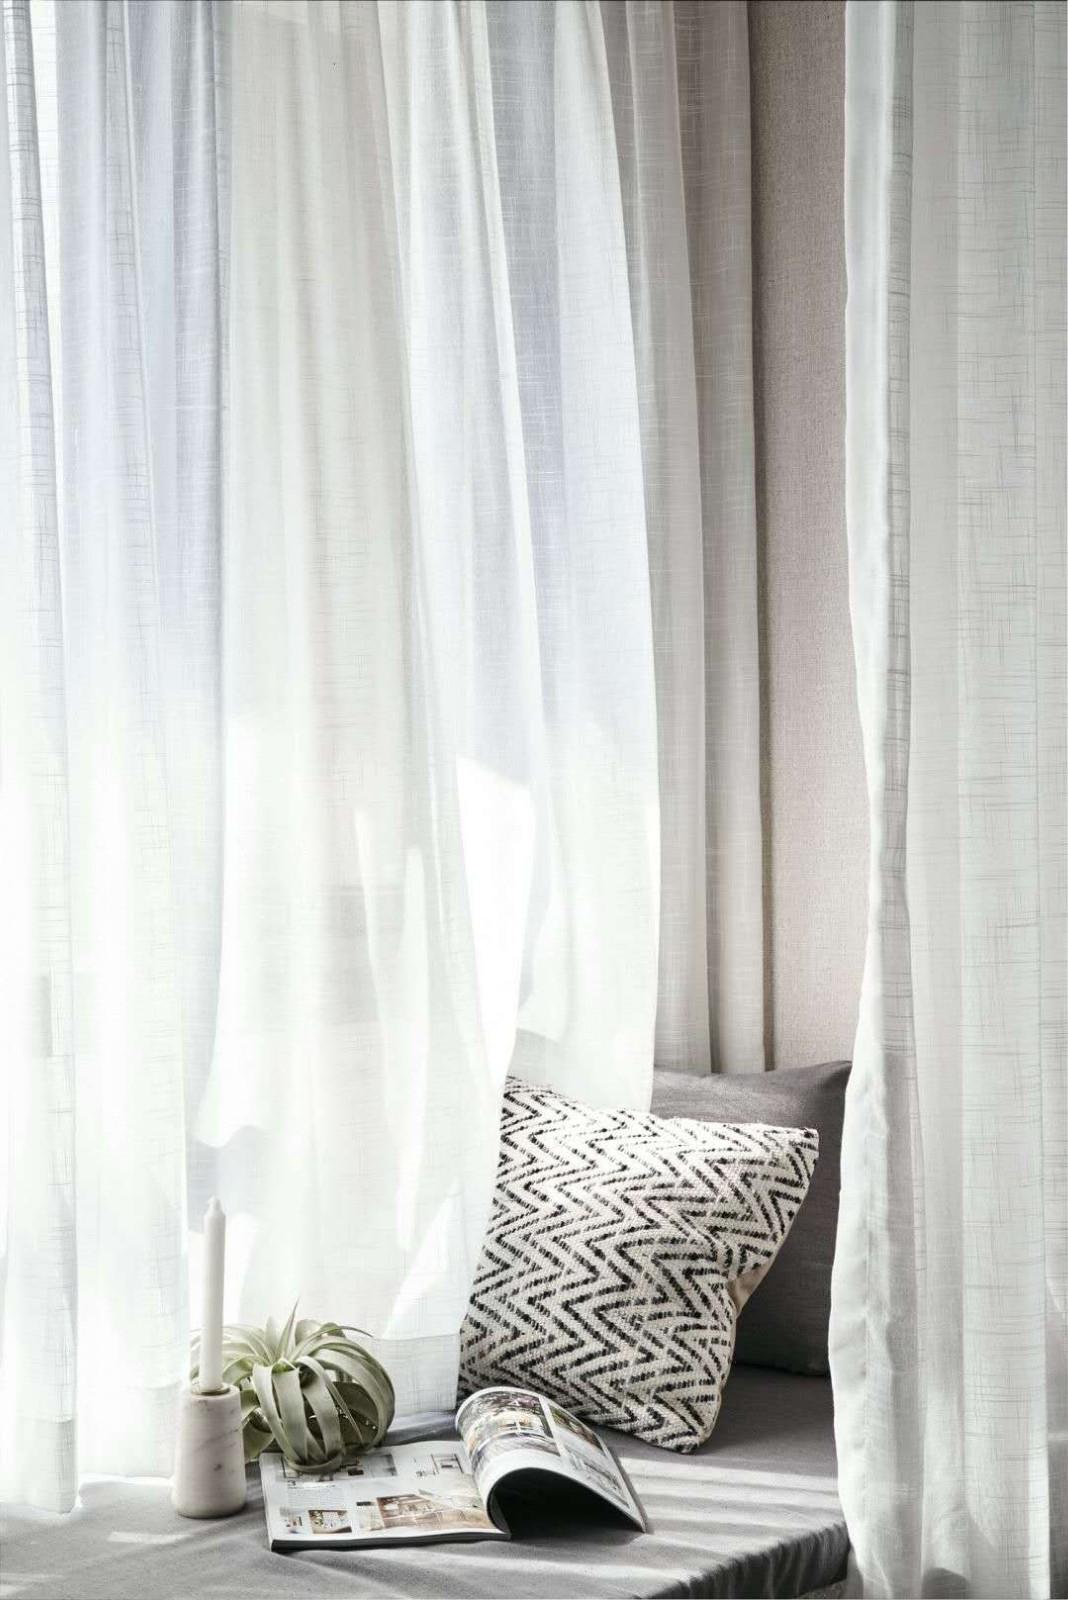 2020北欧阳光房设计图片 2020北欧落地窗装饰设计